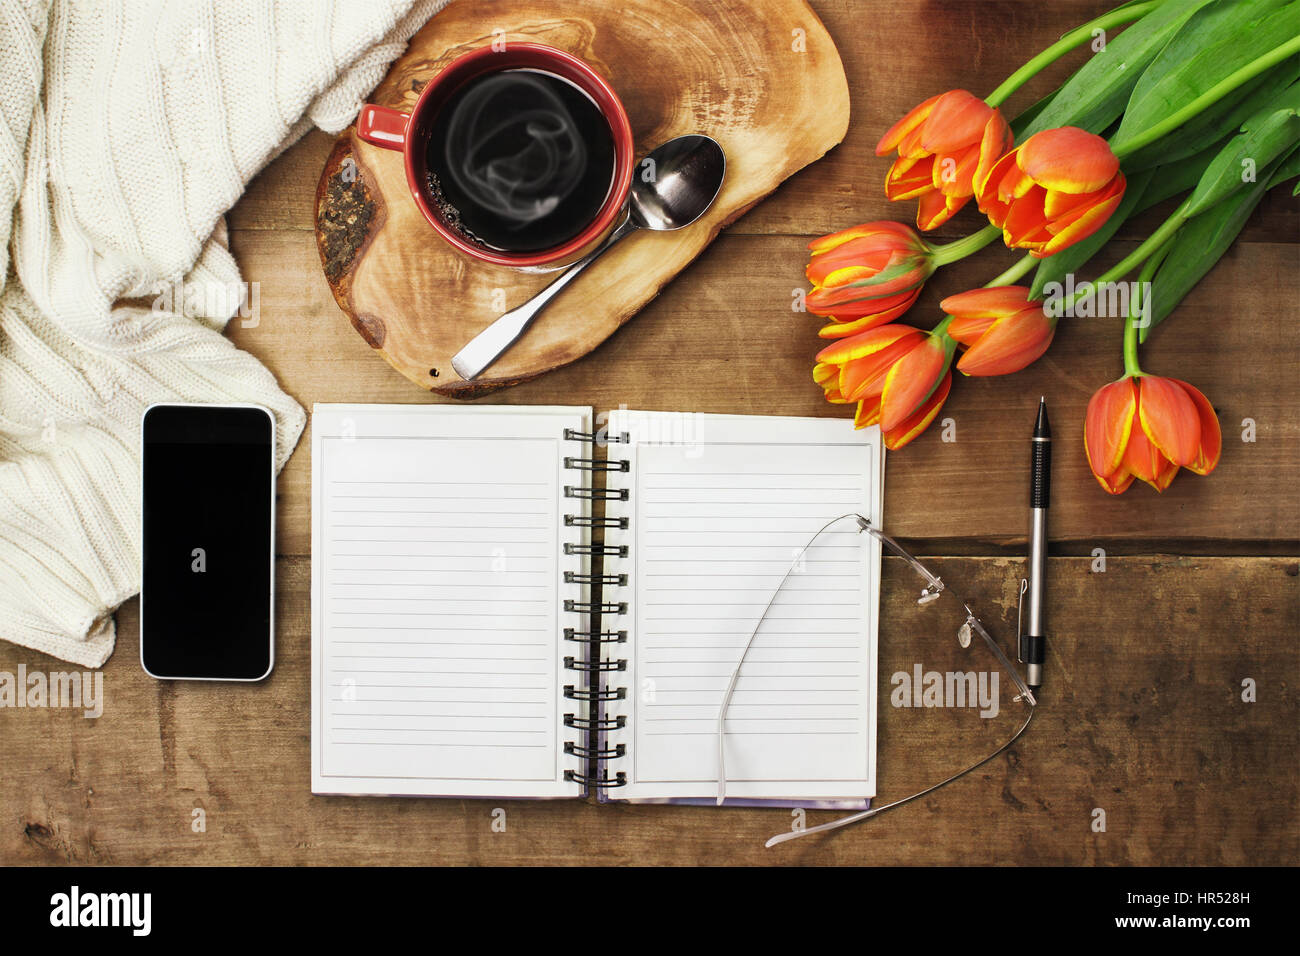 Passage tiré d'un bouquet d'un livre ouvert, d'un téléphone cellulaire, de café et de fleurs sur une table de bois Banque D'Images